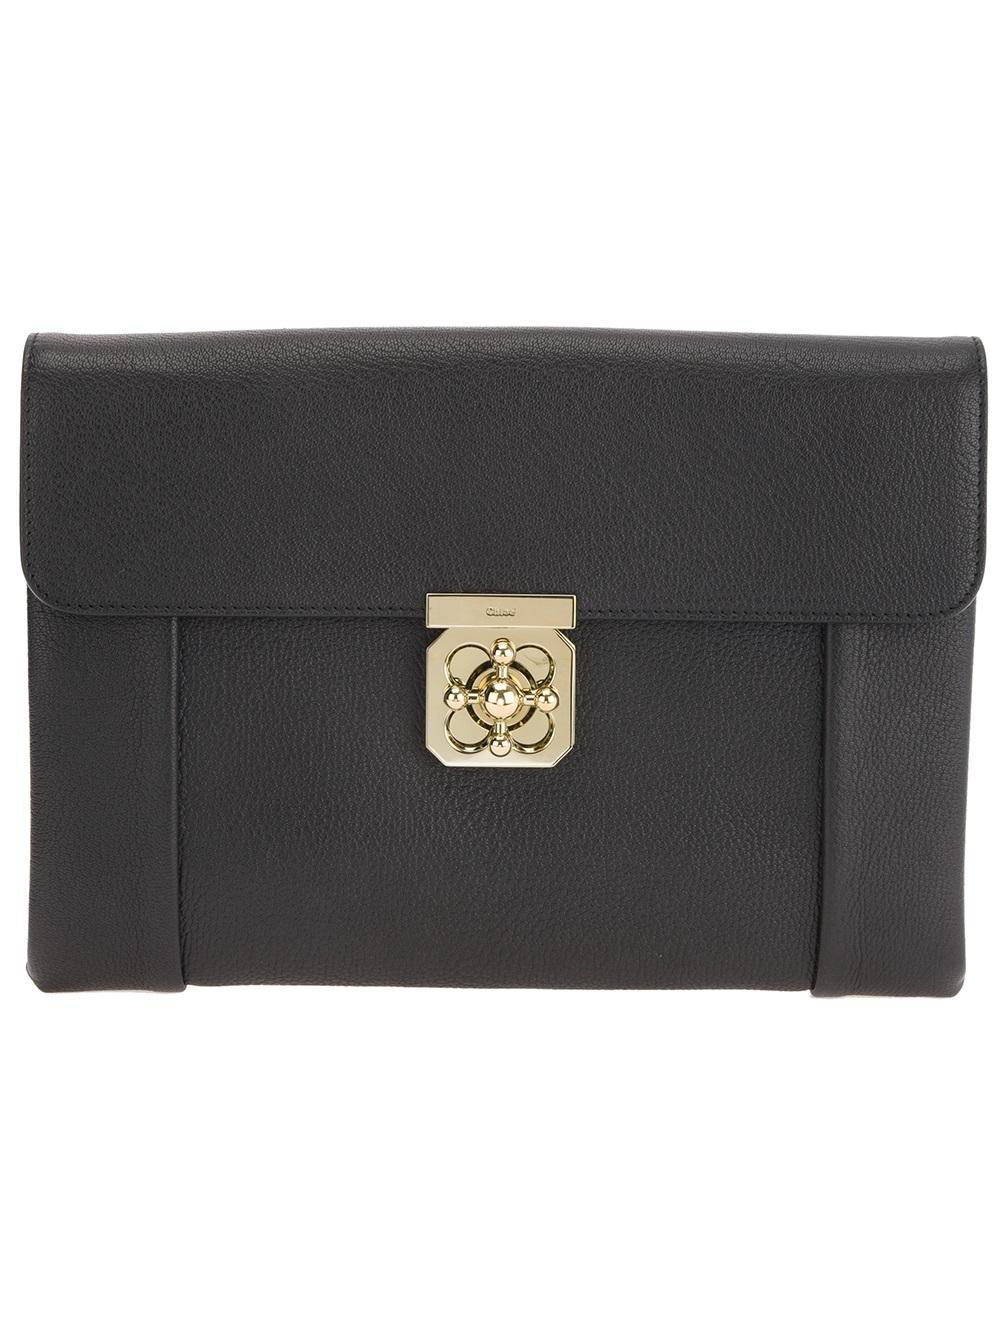 cheap replica chloe handbags - chloe embellished elsie clutch, wholesale chloe bags